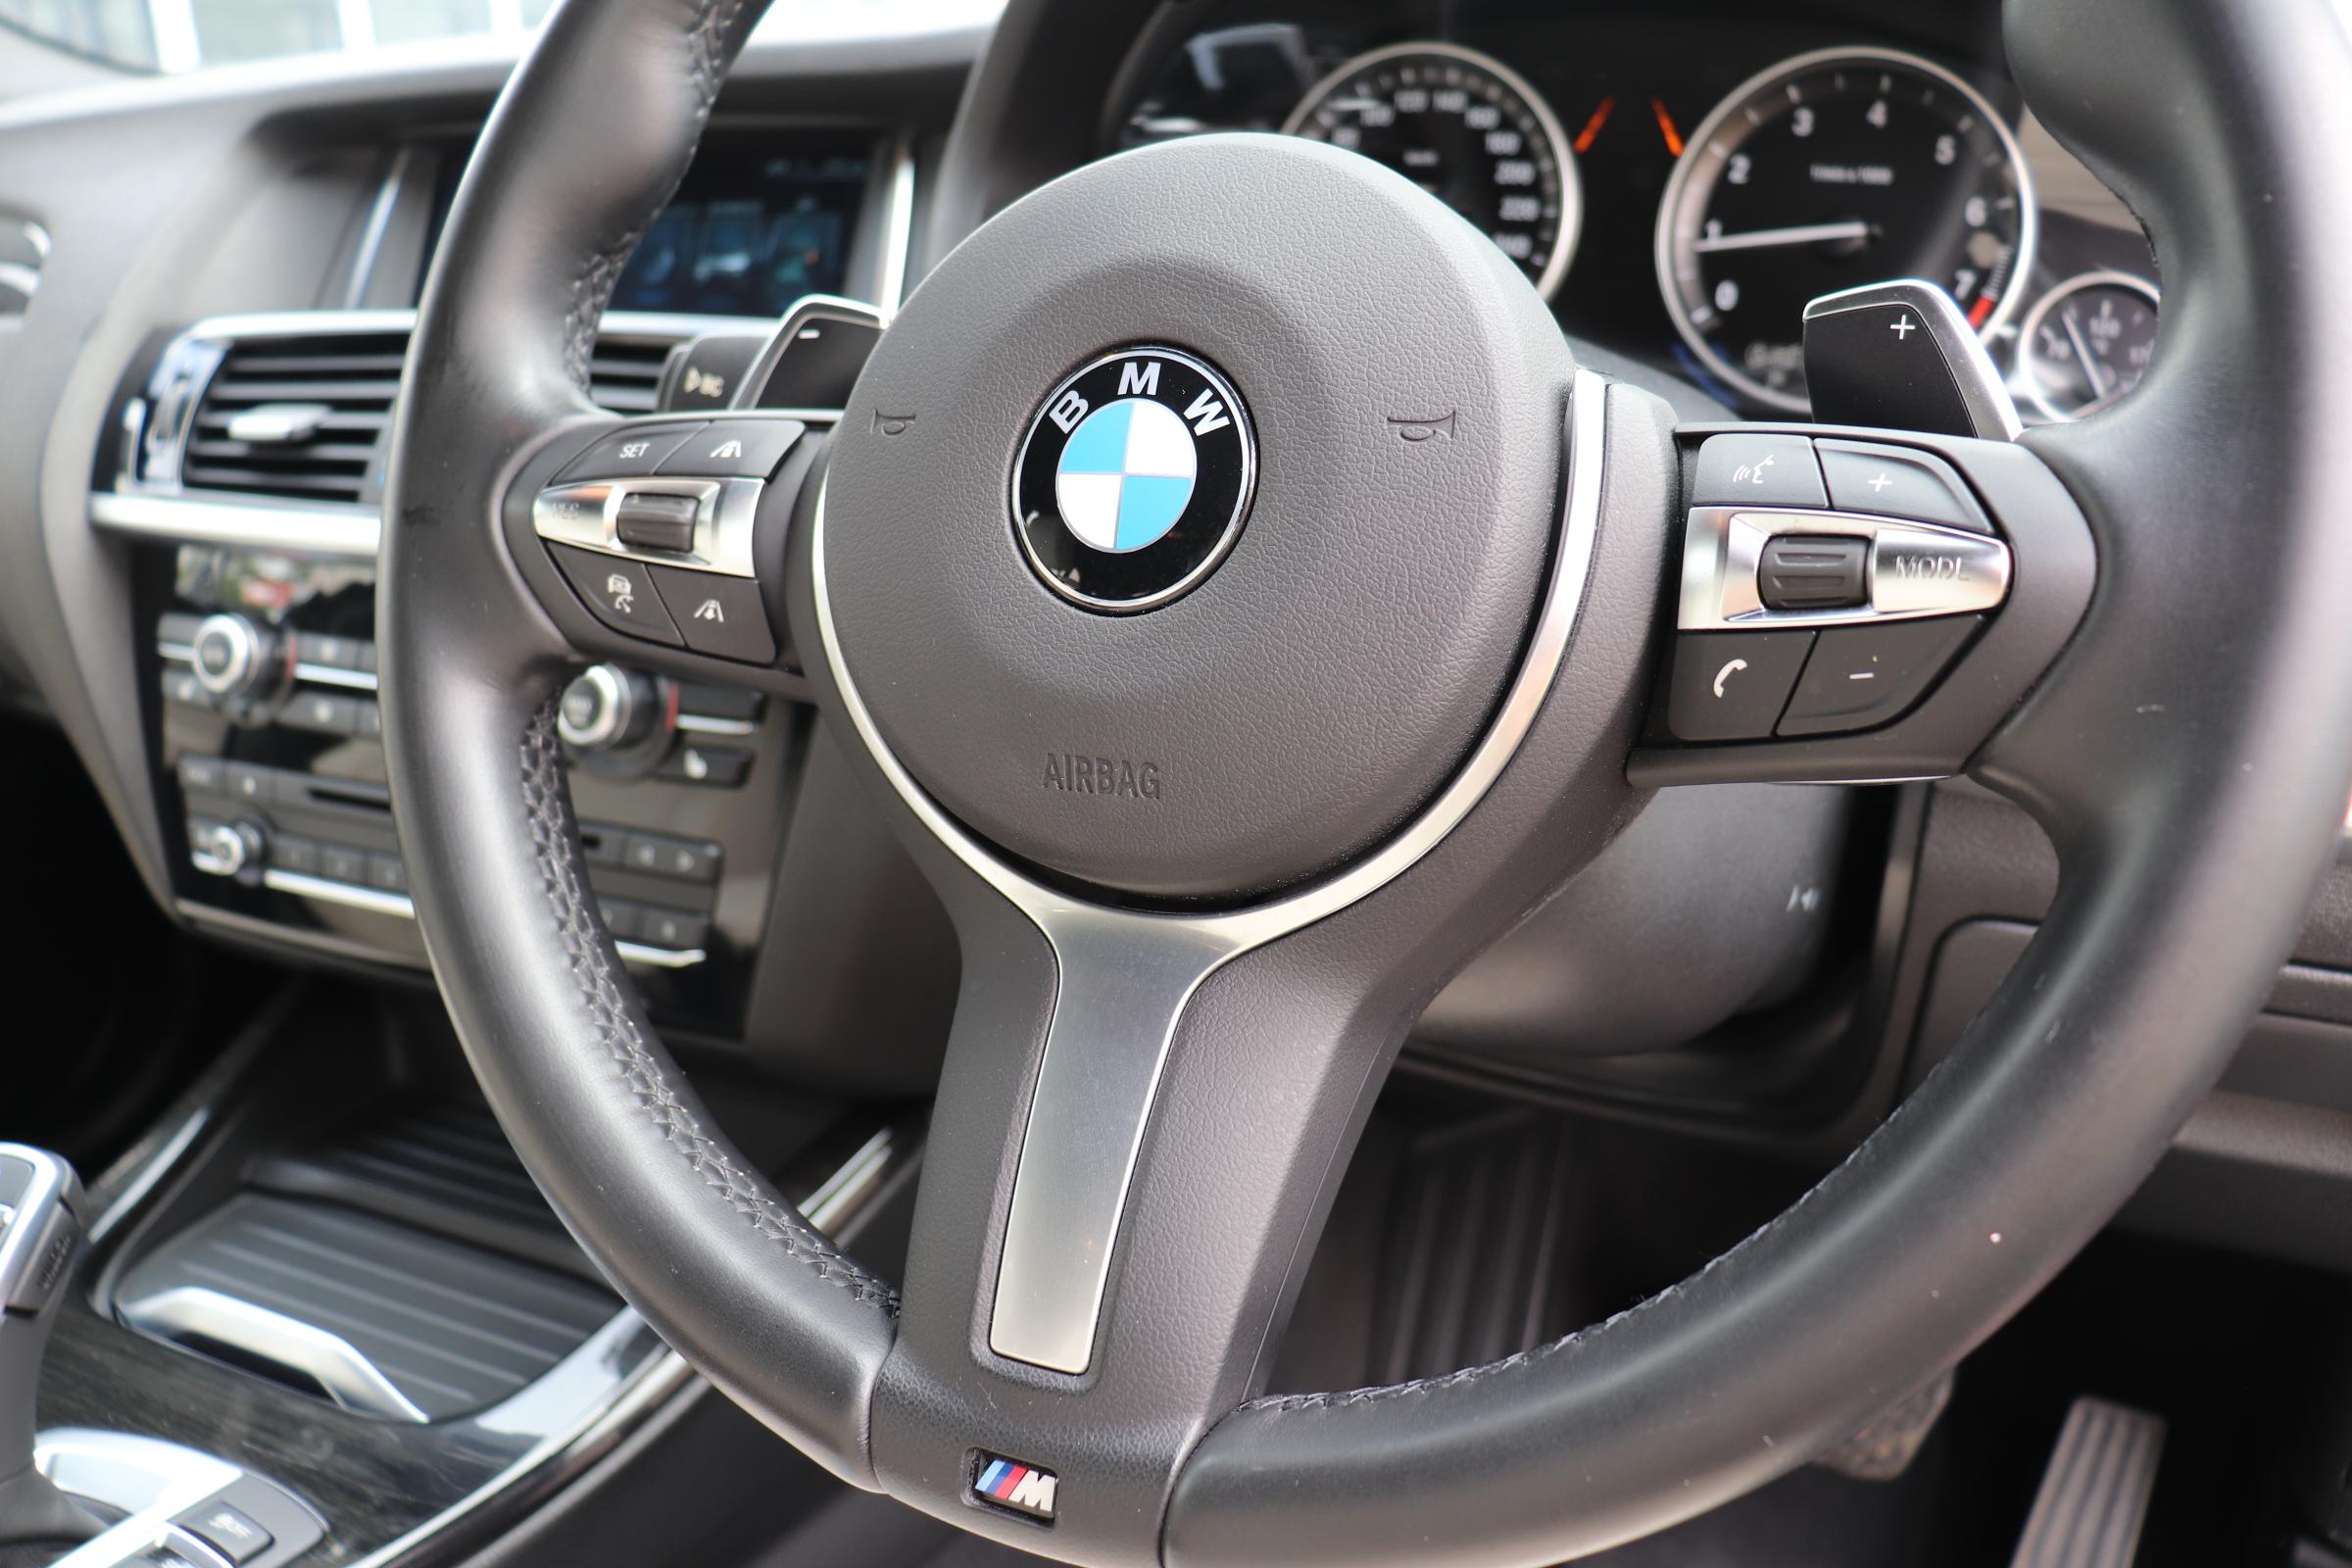 X4 xDrive 28i Mスポーツ 4WD 20インチACCレーンチェンジW LEDヘッド Mスポステア車両画像15